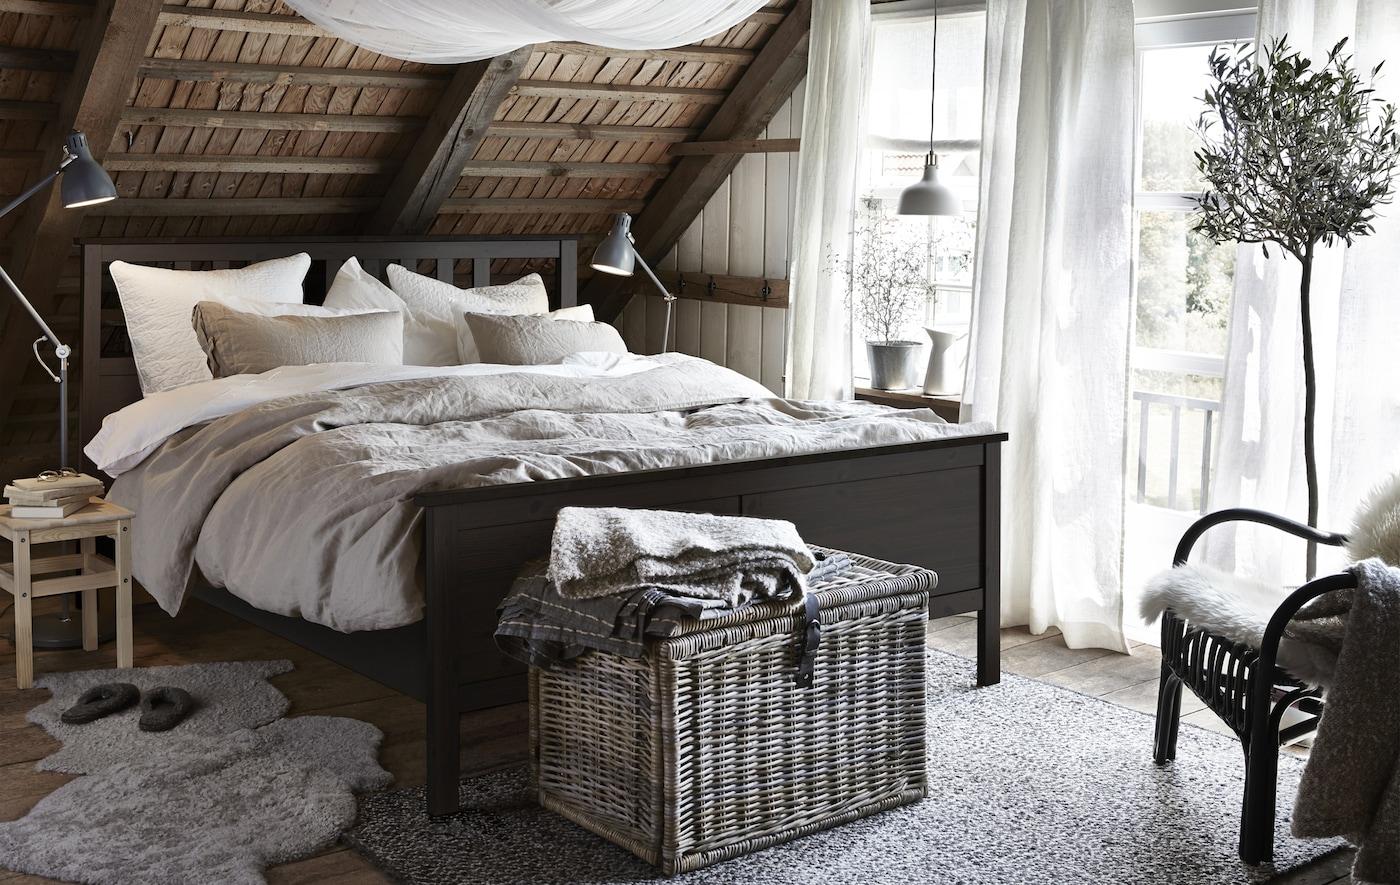 Rustikales Schlafzimmer im Landhausstil - IKEA